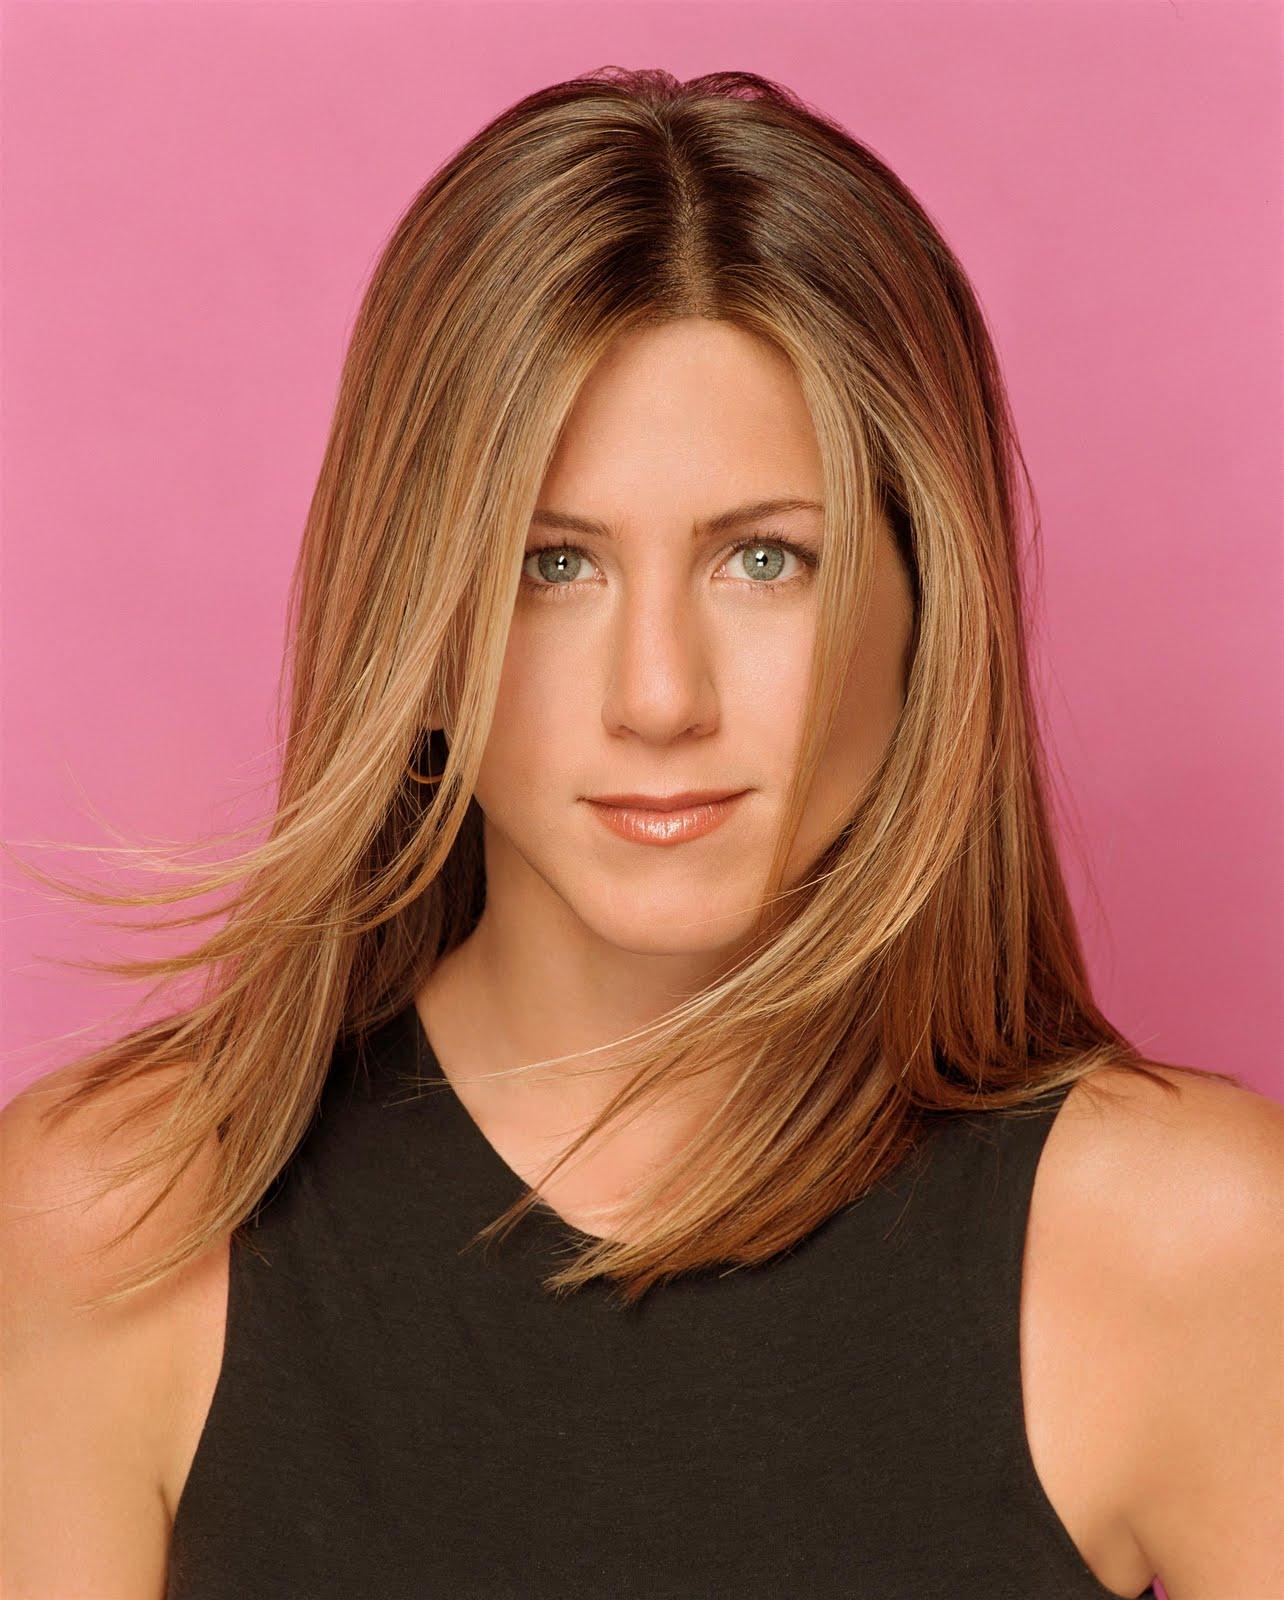 http://3.bp.blogspot.com/-TAvBuLkp5yY/TdtStZ-22iI/AAAAAAAAAcA/nkN5KeFTx2Y/s1600/jennifer_aniston_new_haircut_style.jpg